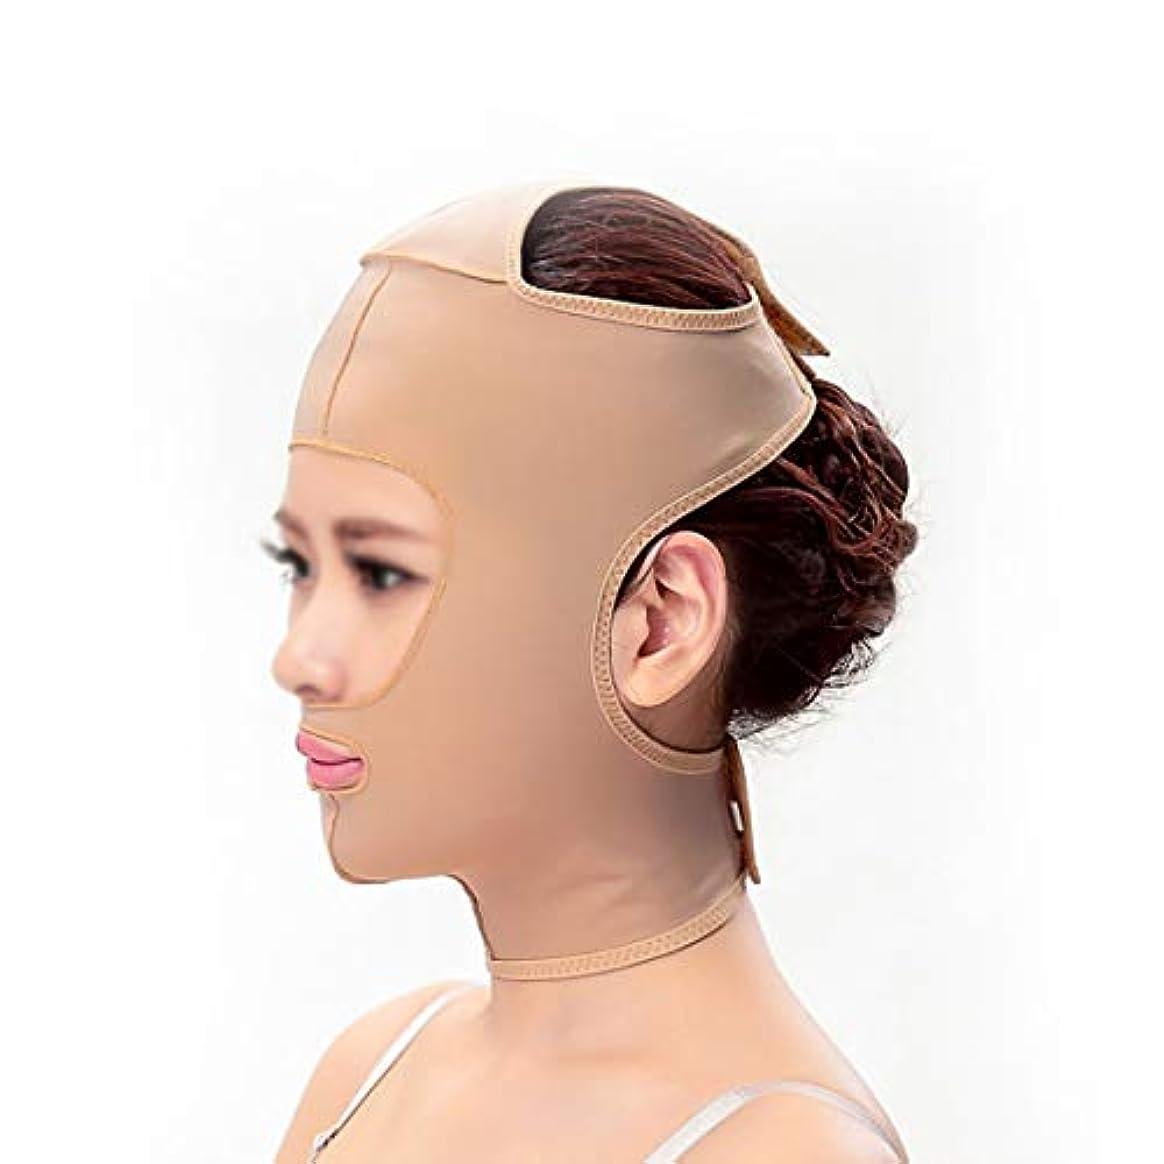 精算記録時々時々TLMY 減量ベルトマスクフェイスマスク神聖なパターンリフト二重あご引き締め顔面プラスチック顔面アーティファクト強力な顔面包帯 顔用整形マスク (Size : XXL)